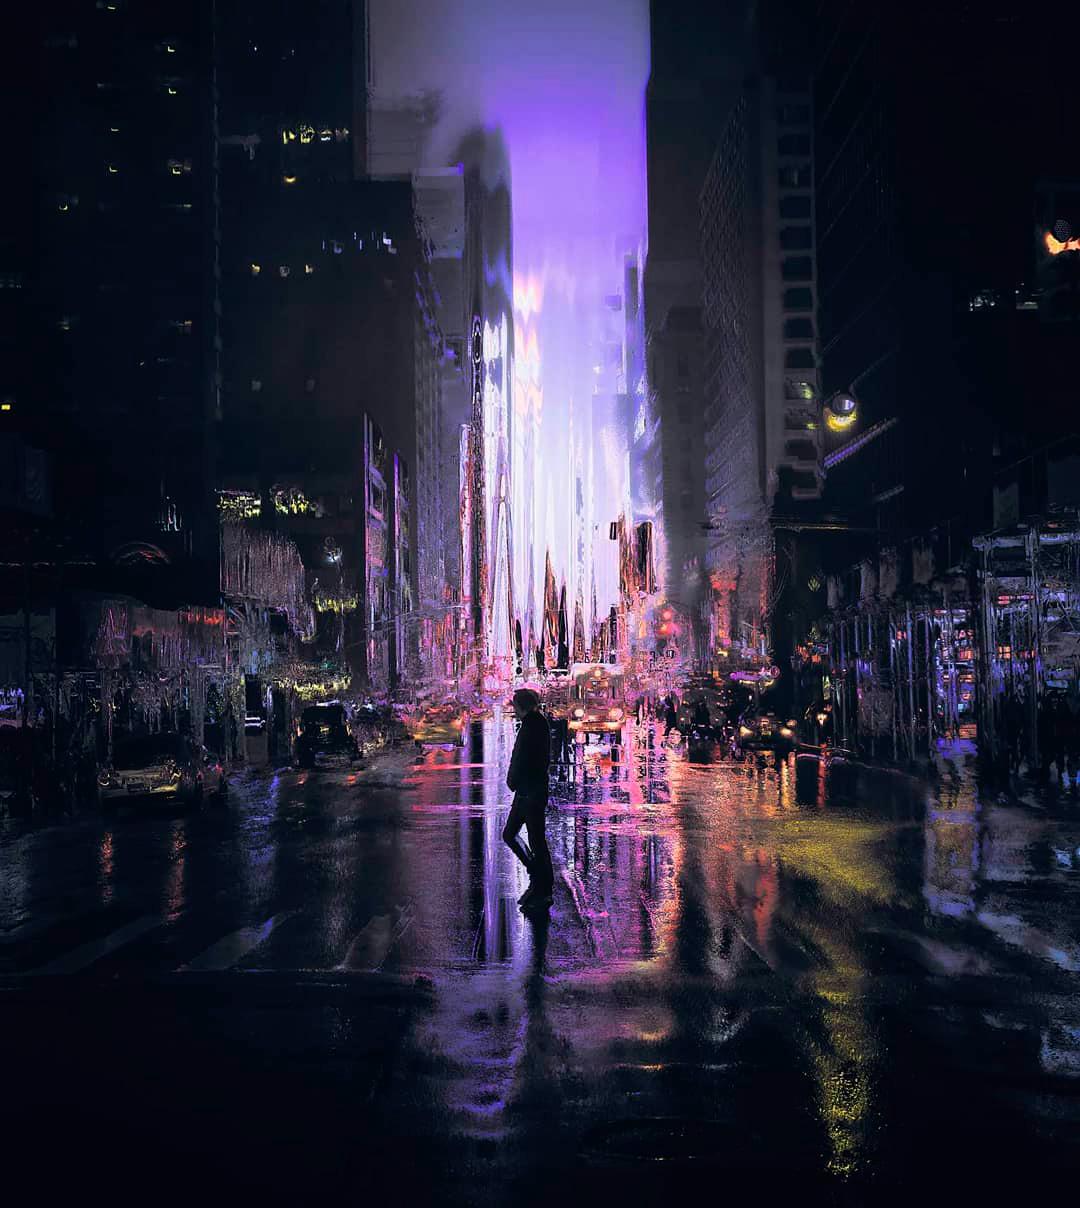 Fotografía de persona cruzando la calle por Hubert Solczynski